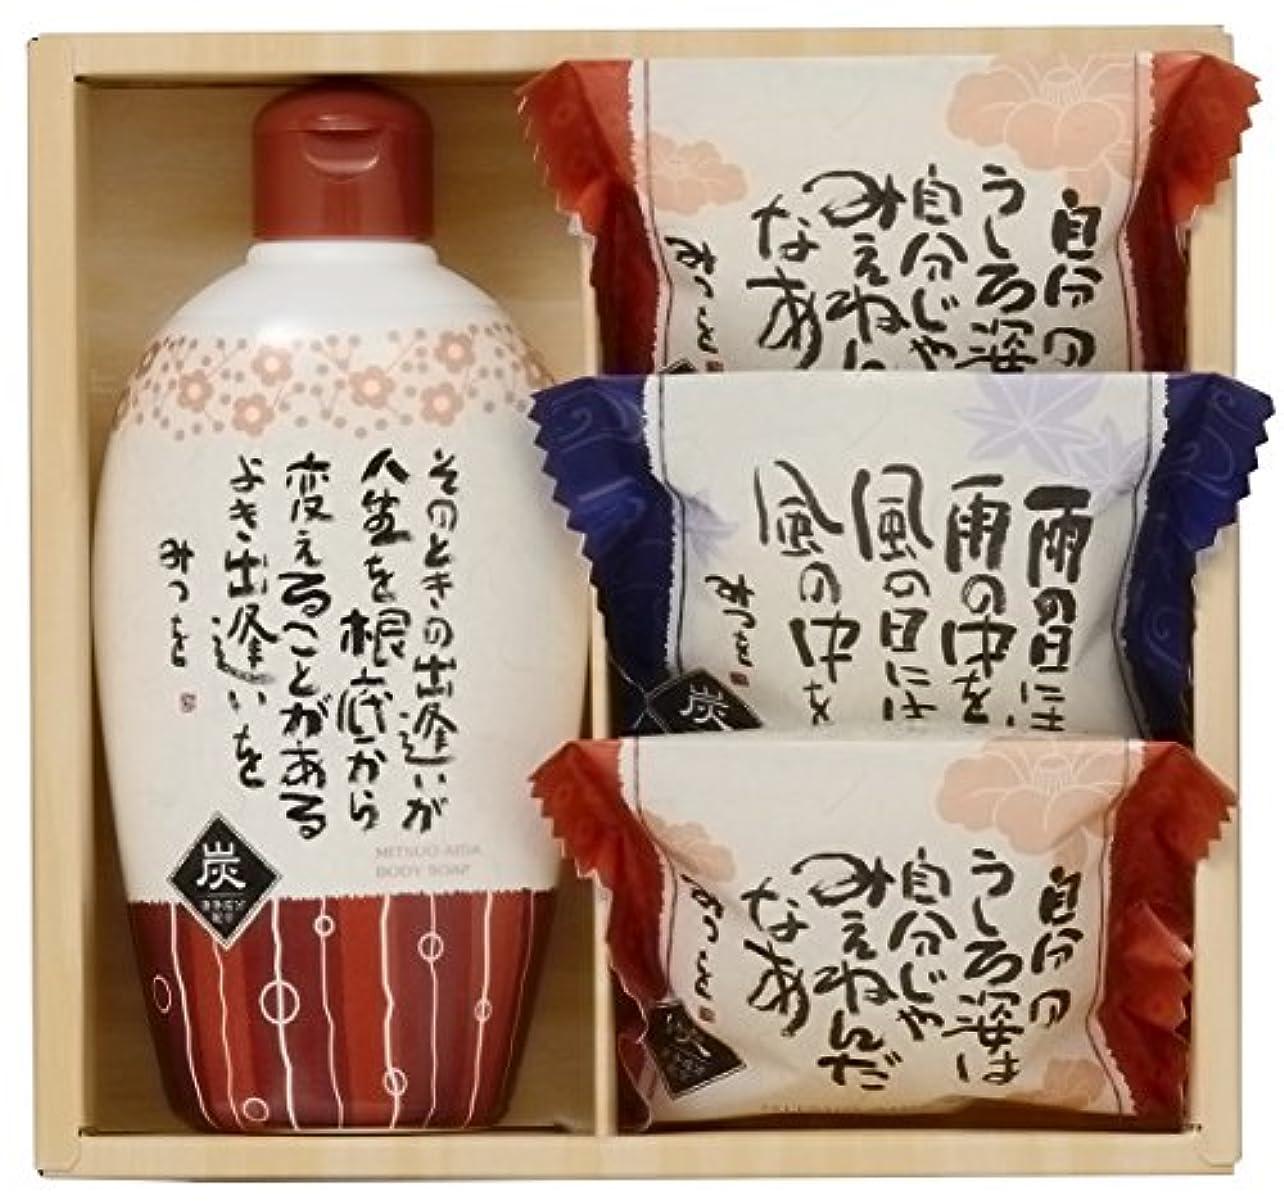 スタジオによって化石田中太商店 ギフト 相田みつを炭ソープセット YKA-10